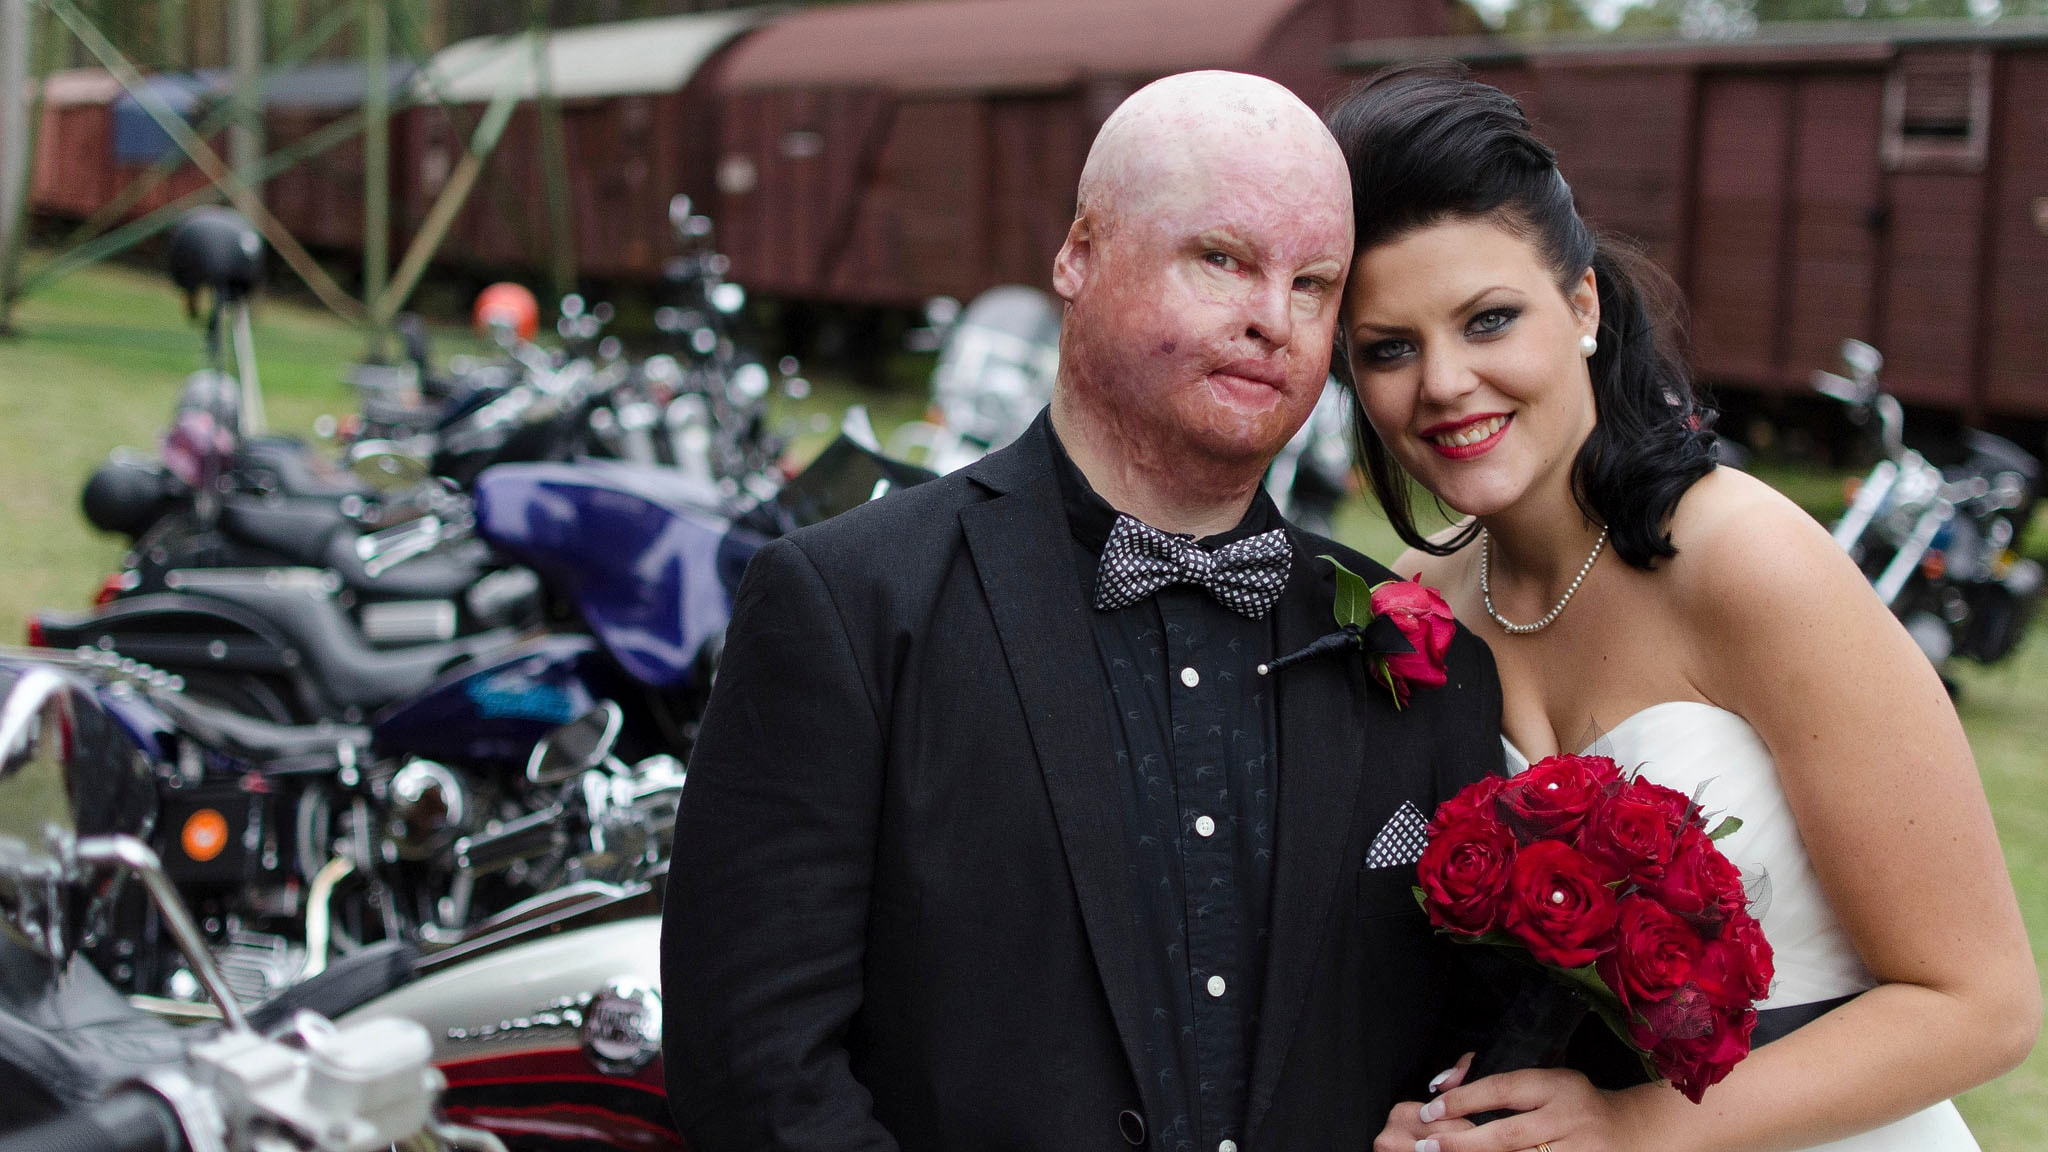 Gustaf och Pernilla Seppelin. Bröllop med motorcyklar